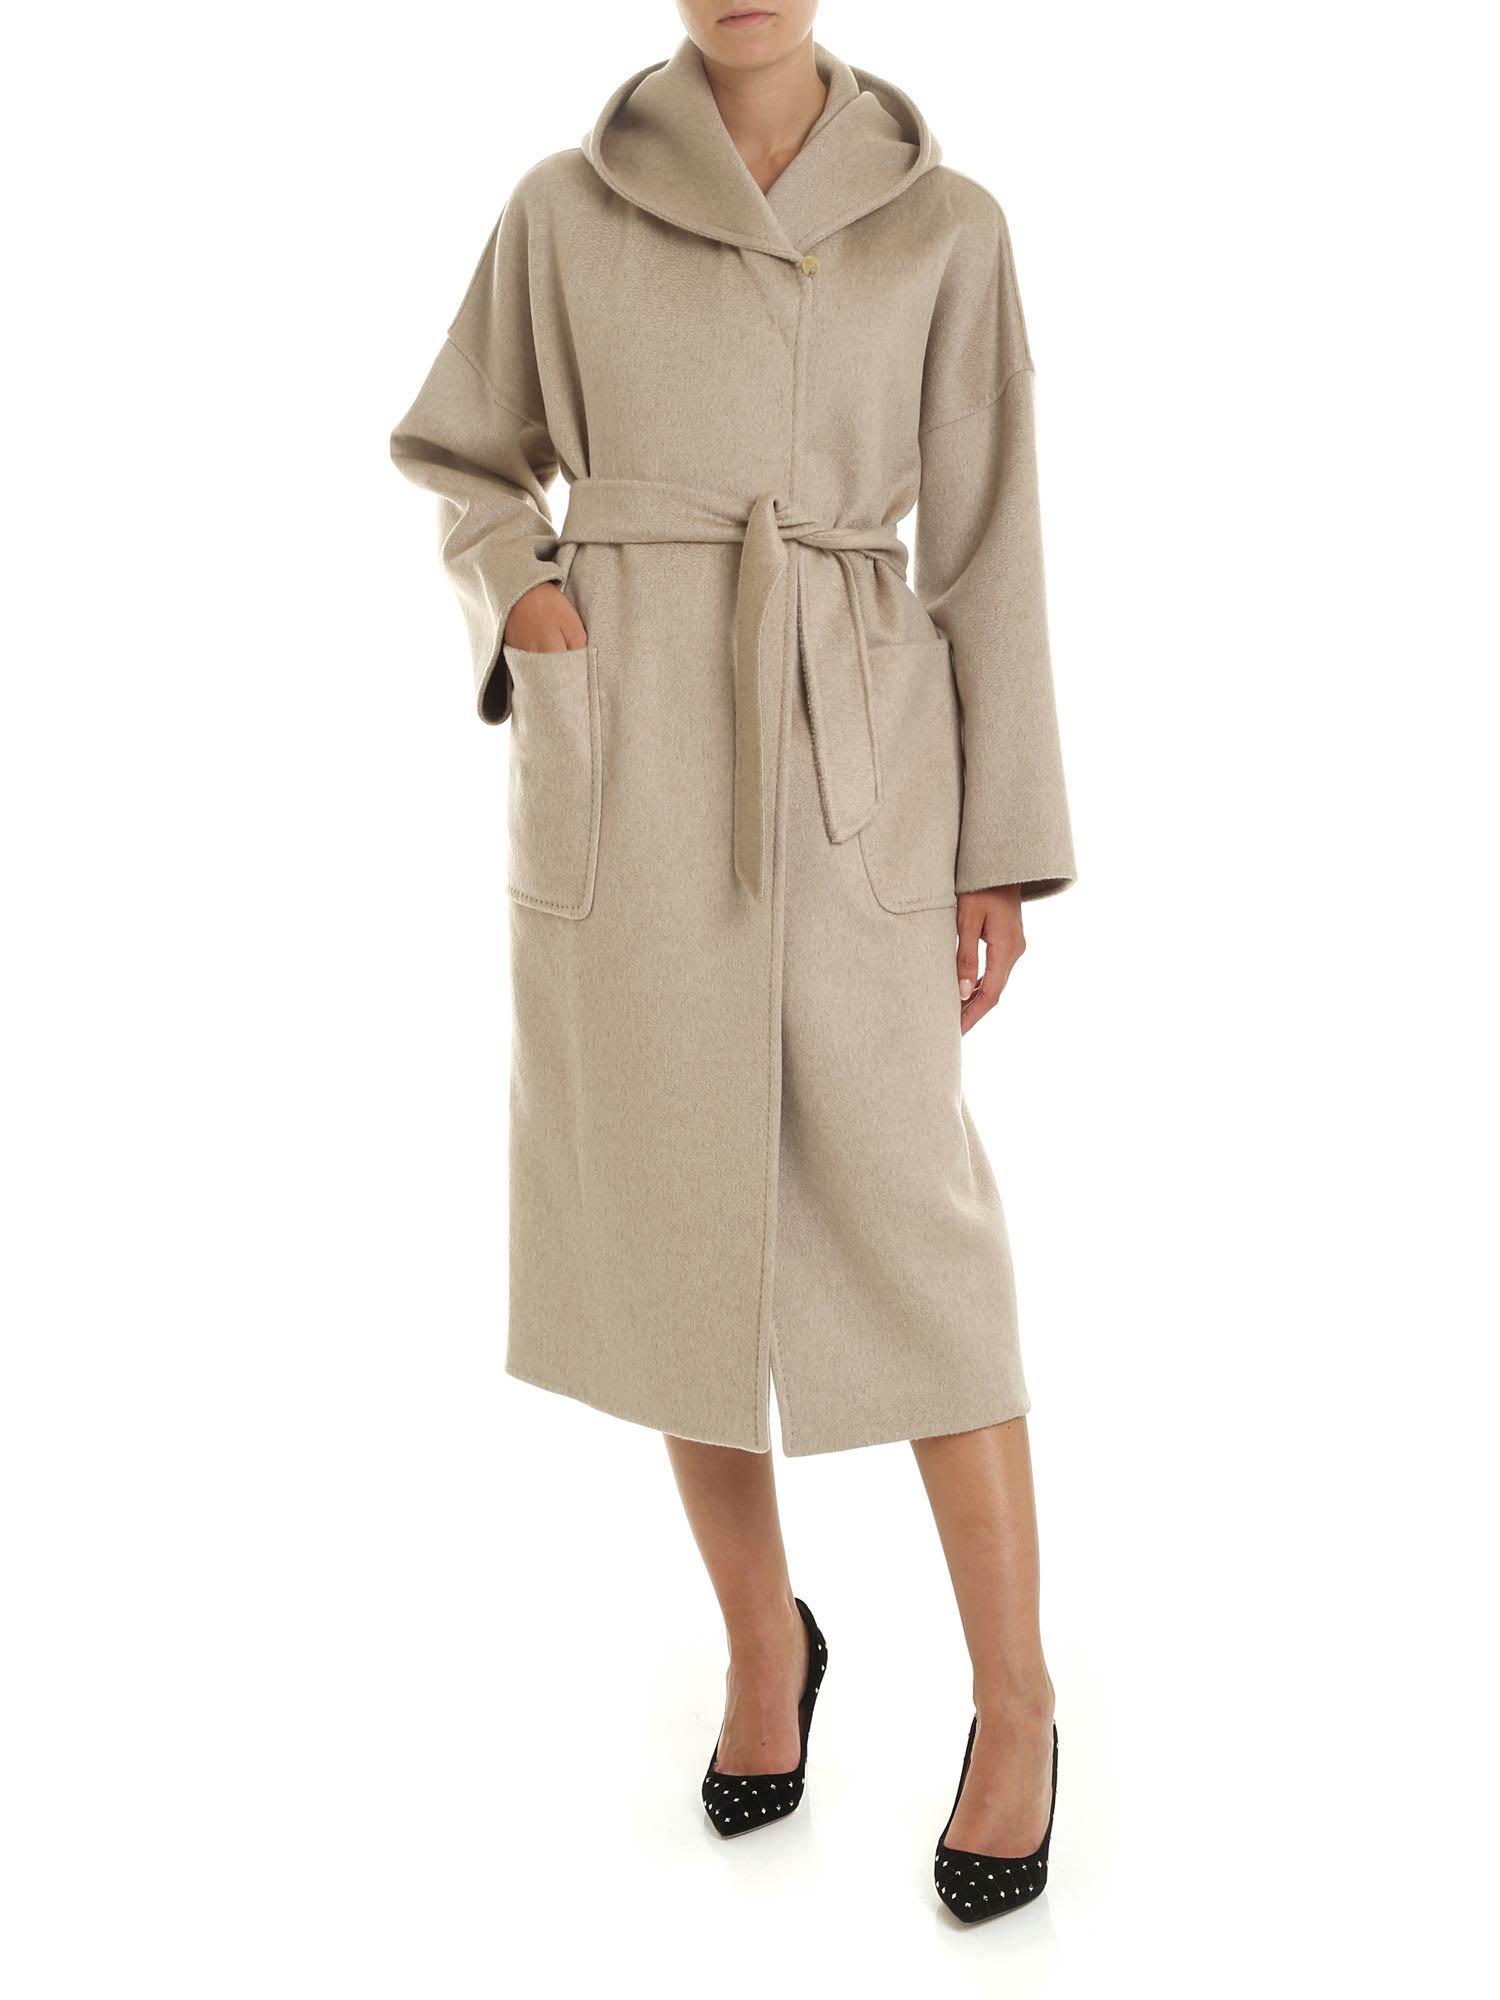 Max Mara – Marilyn Coat